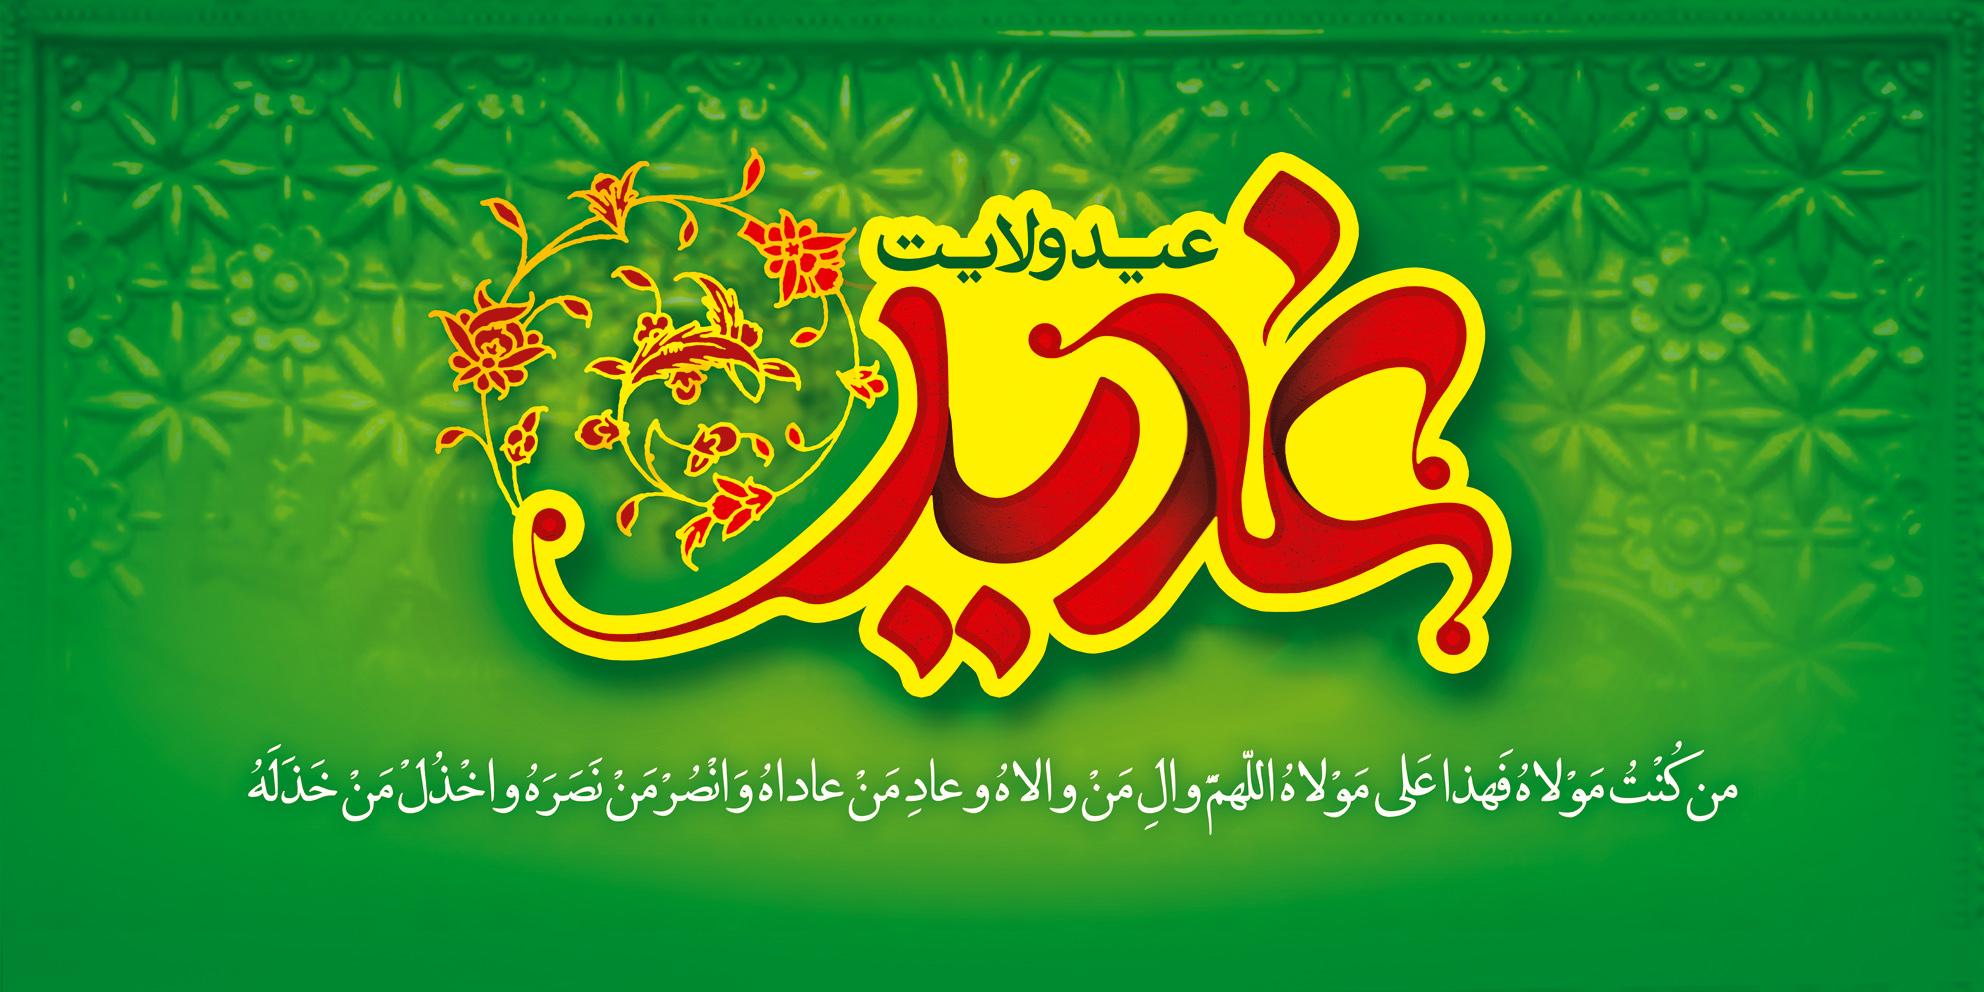 نقش حضرت زهرا(ع) در دفاع از حريم ولايت